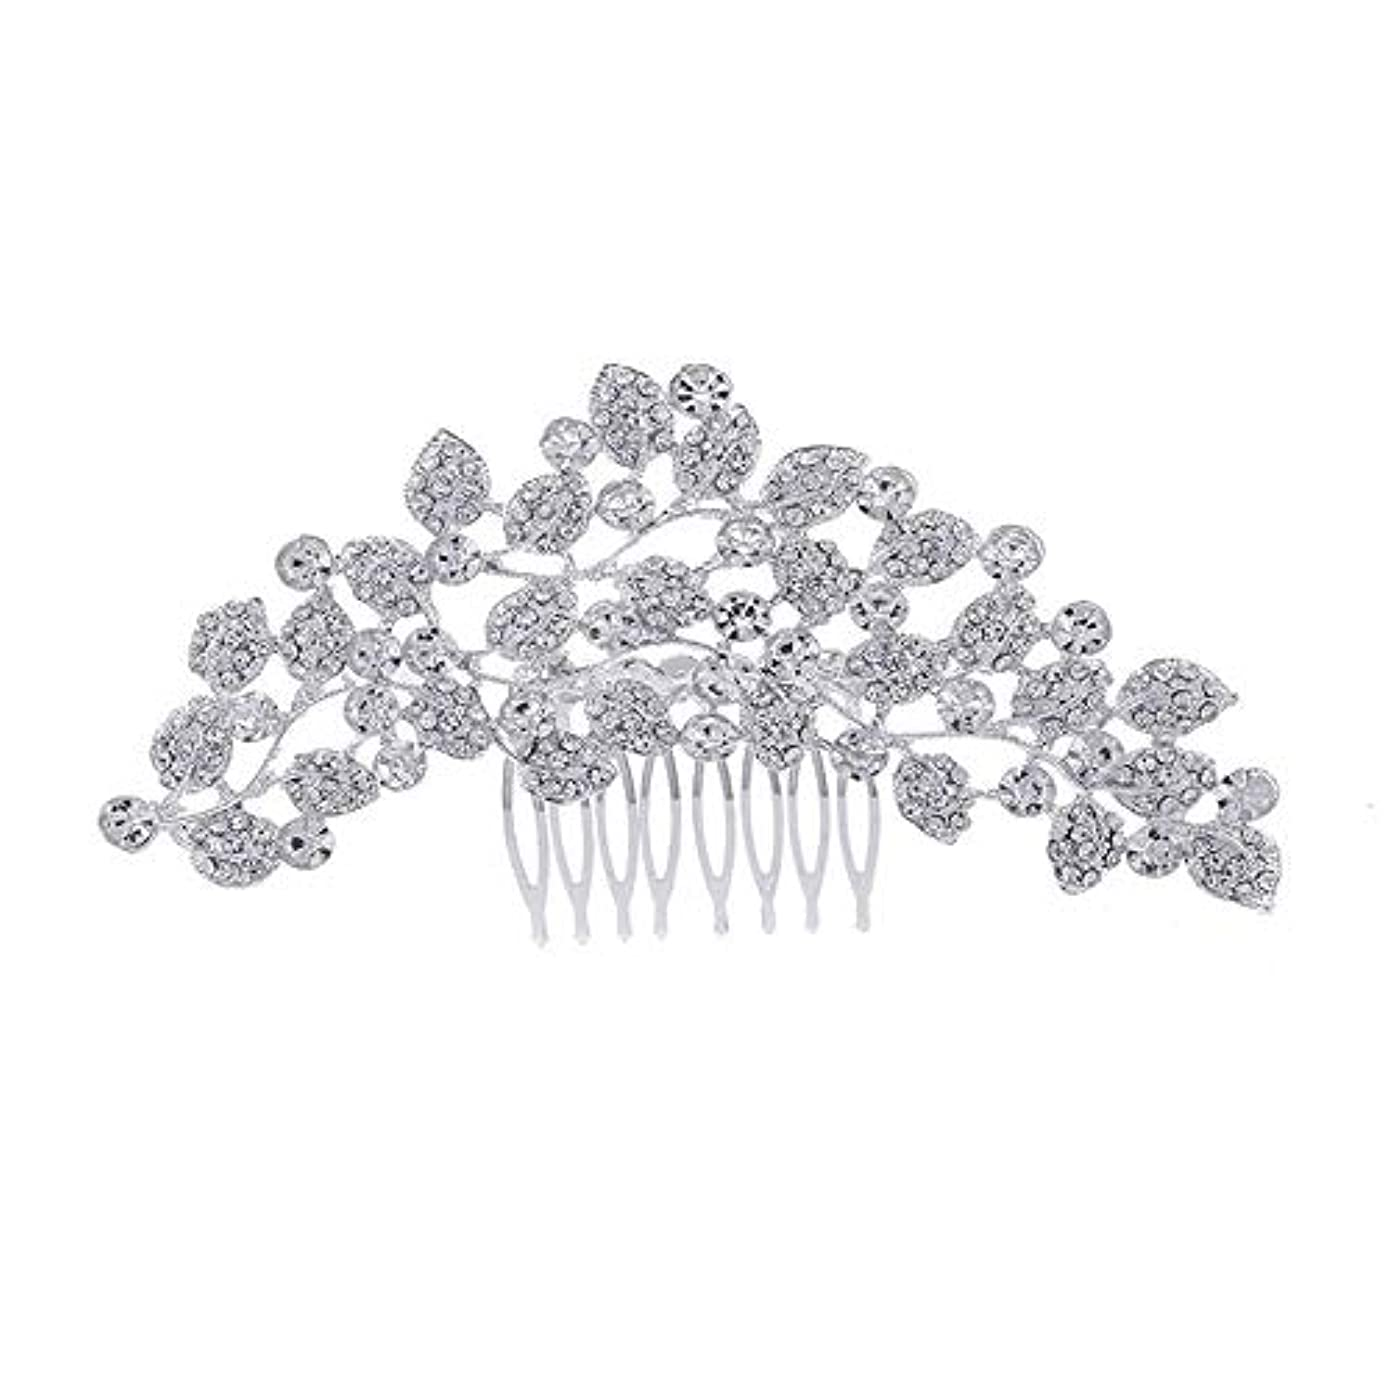 反対する手伝うジュニア髪の櫛、櫛、ブライダル髪、櫛、髪の櫛、ラインストーンの櫛、葉の髪の櫛、結婚式の髪の櫛